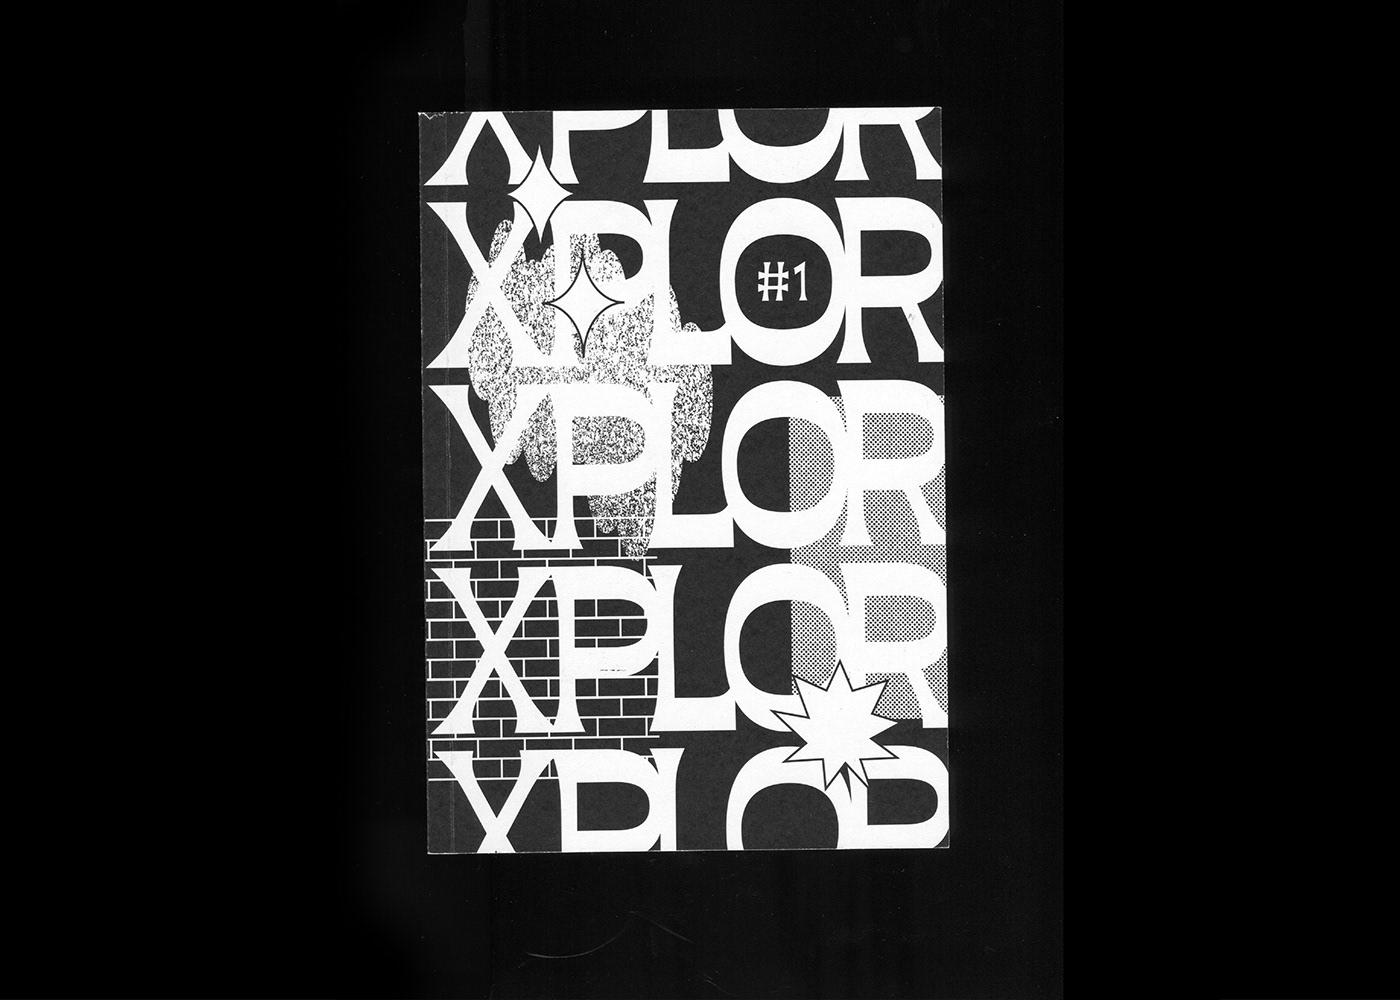 magazine editorial xplor postgraffiti zgonowicz kamillach graphicdesign print